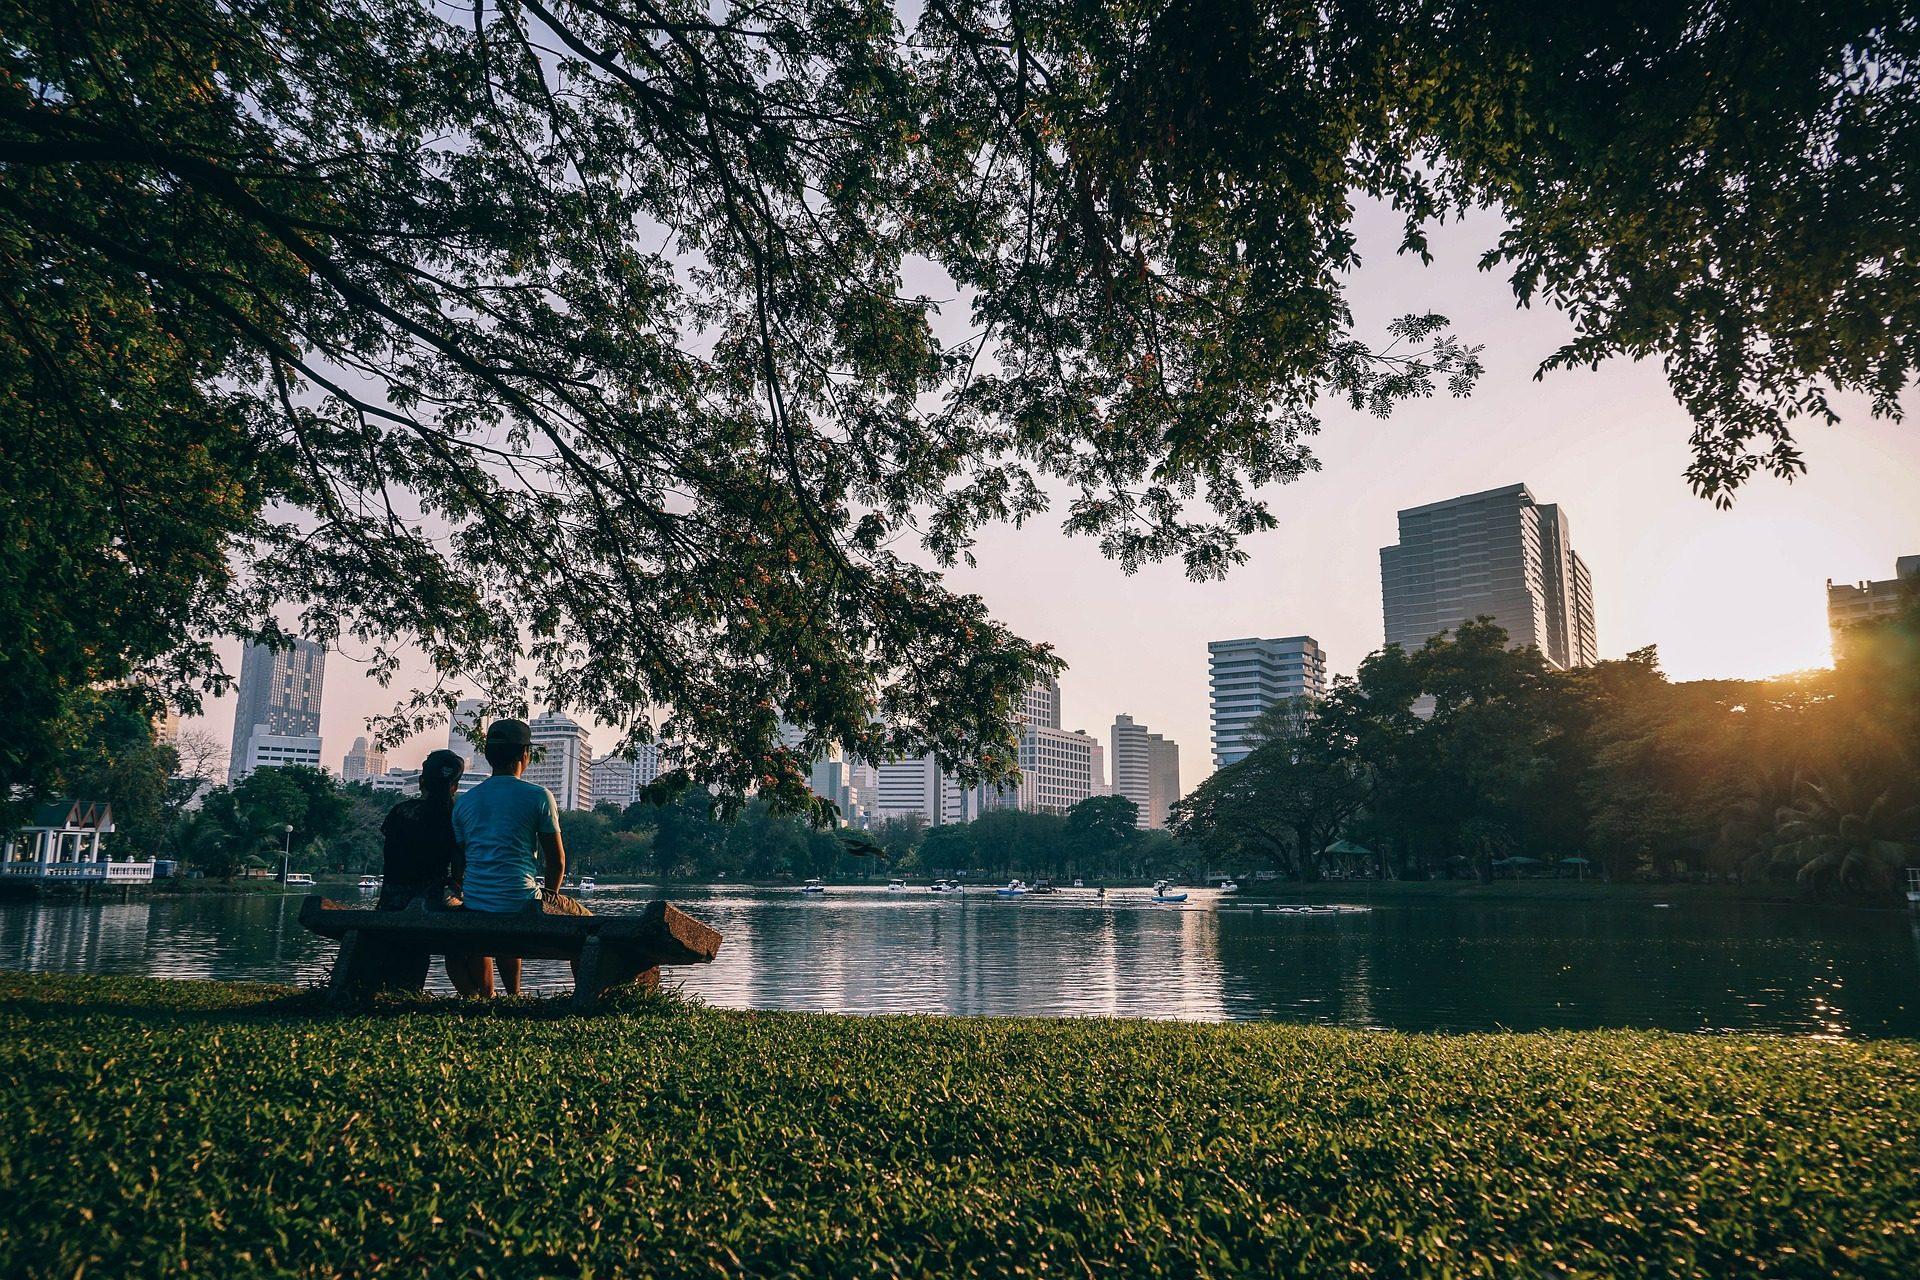 Morar perto da natureza traz benefícios para você